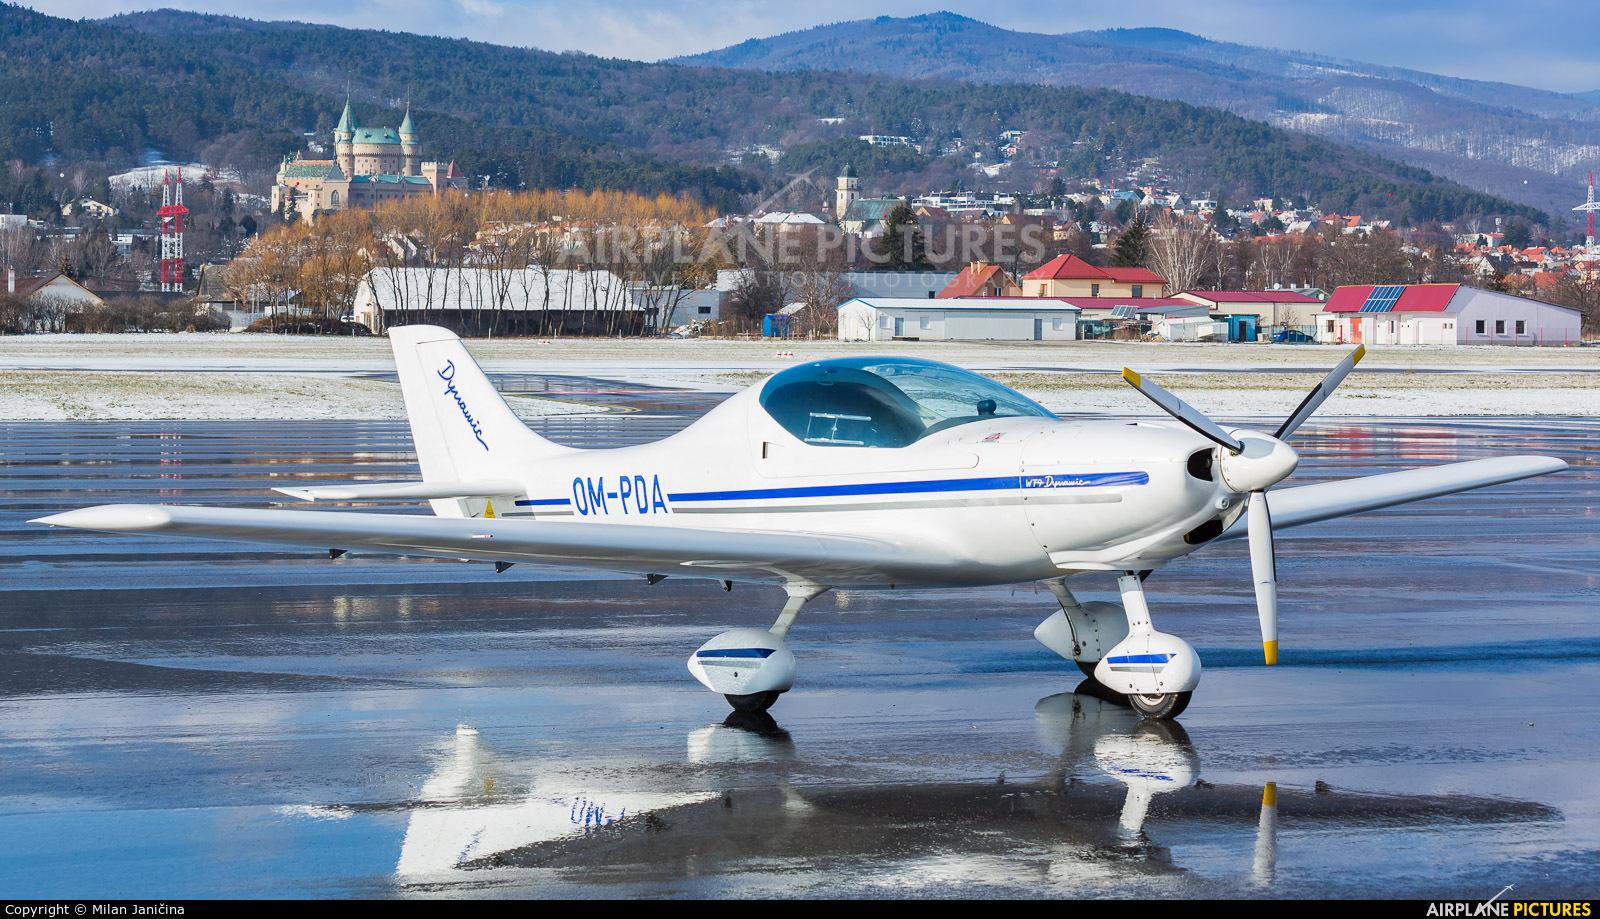 Aeroklub Prievidza OM-PDA aircraft at Prievidza